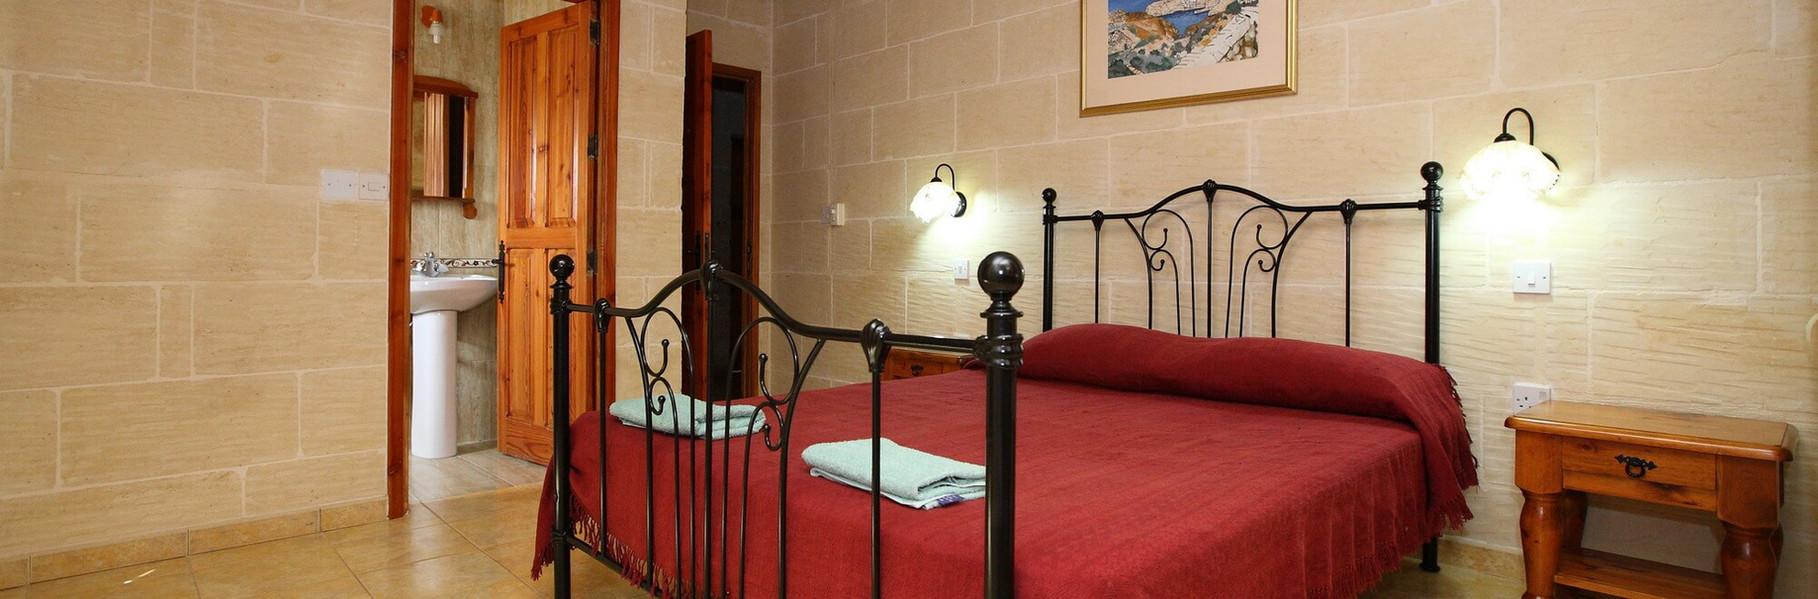 master-bedroom-villa-3.jpg